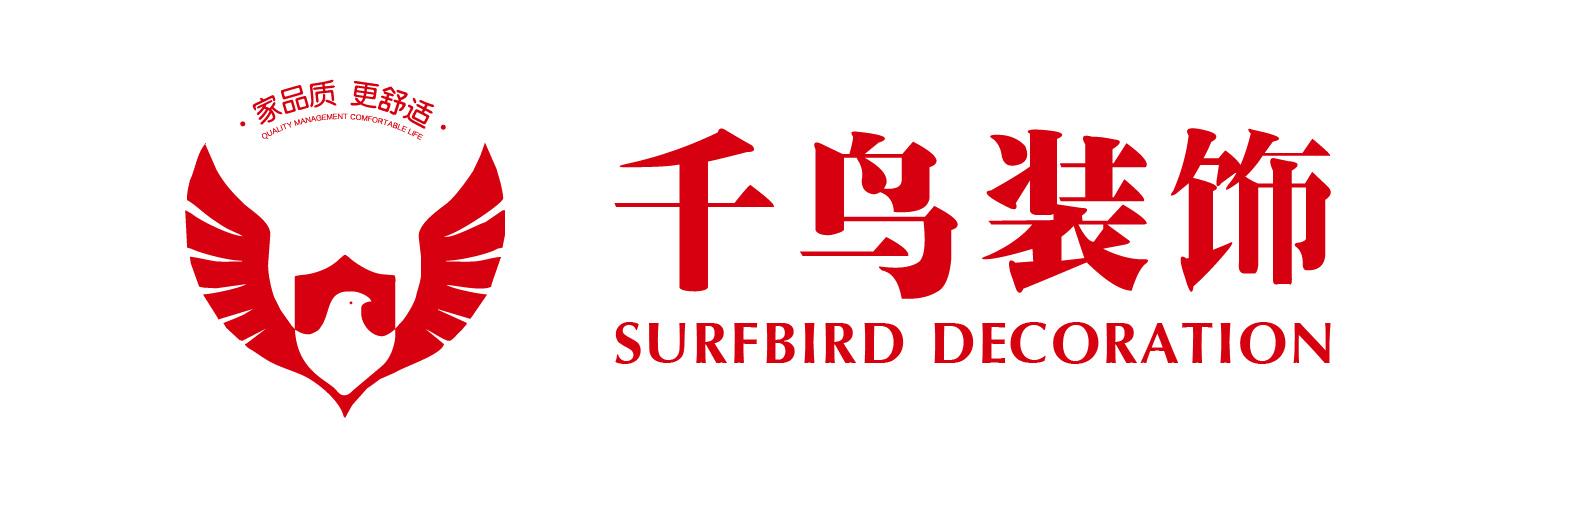 成都千鸟装饰设计工程有限公司